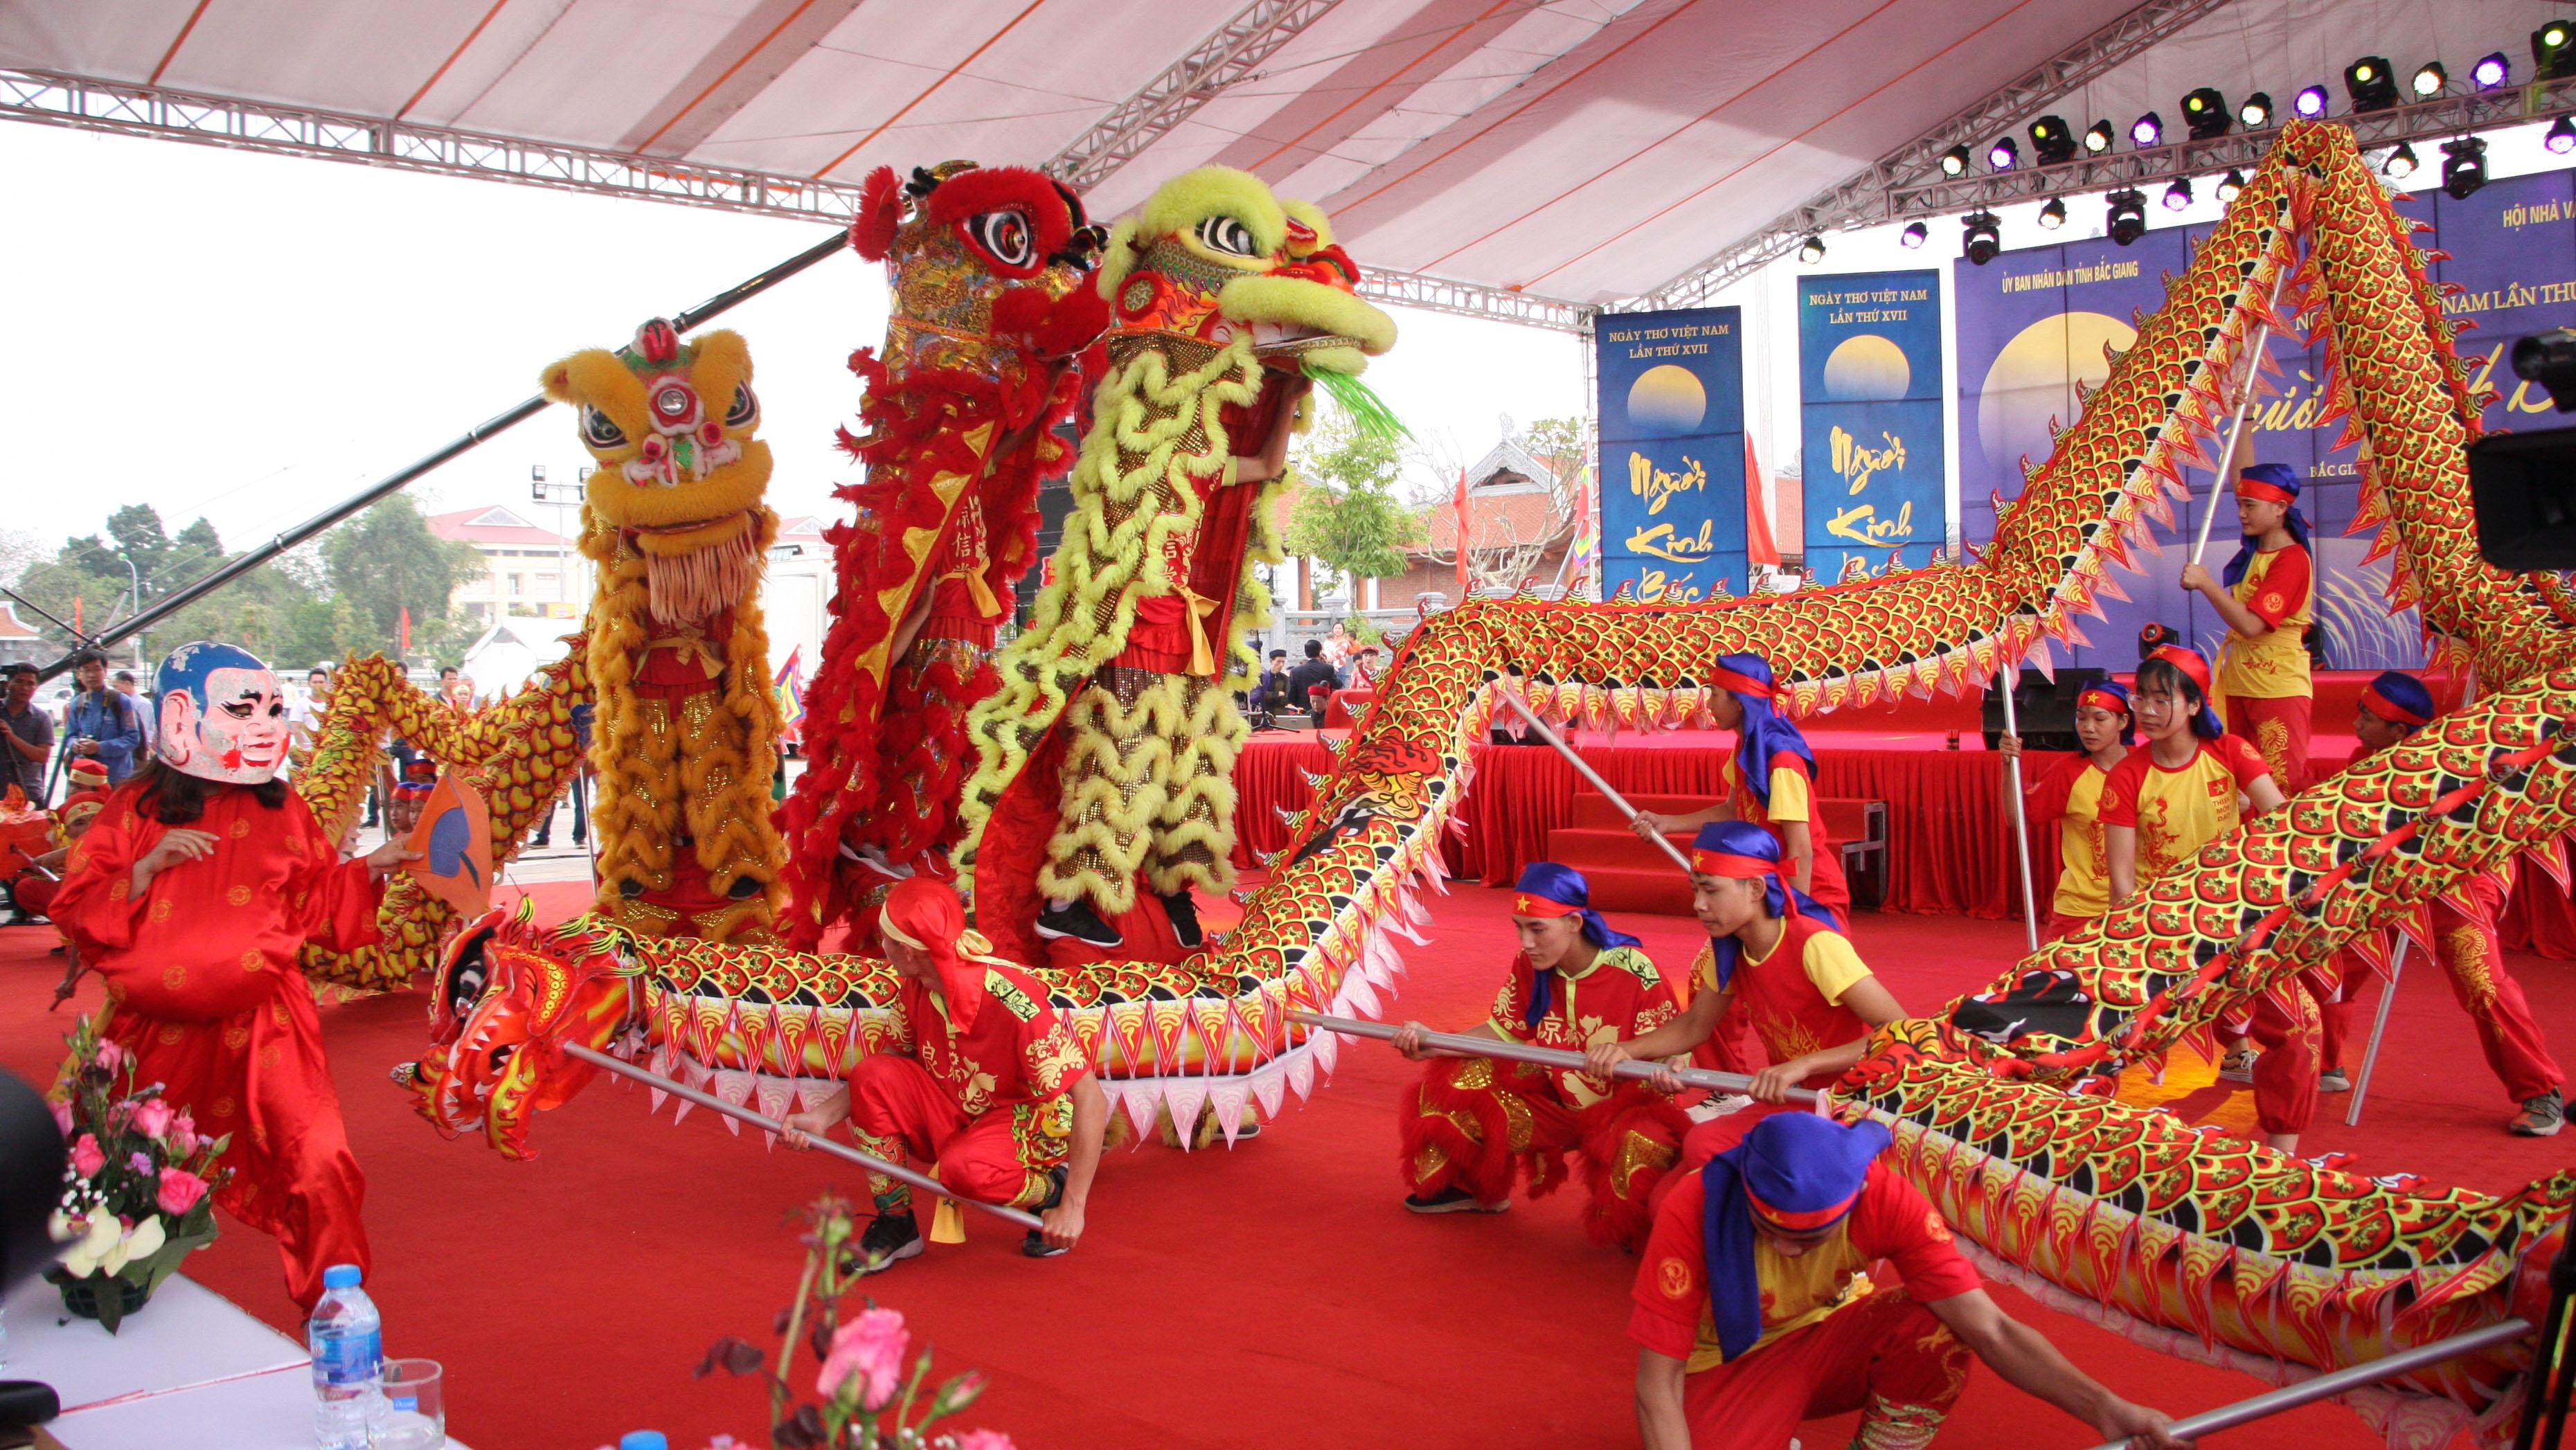 phỏng vấn, tuần văn hóa du lịch, Tây Yên Tử, Lễ hội Xuân, phó chủ tịch UBND, tỉnh Bắc Giang, Lê Ánh Dương